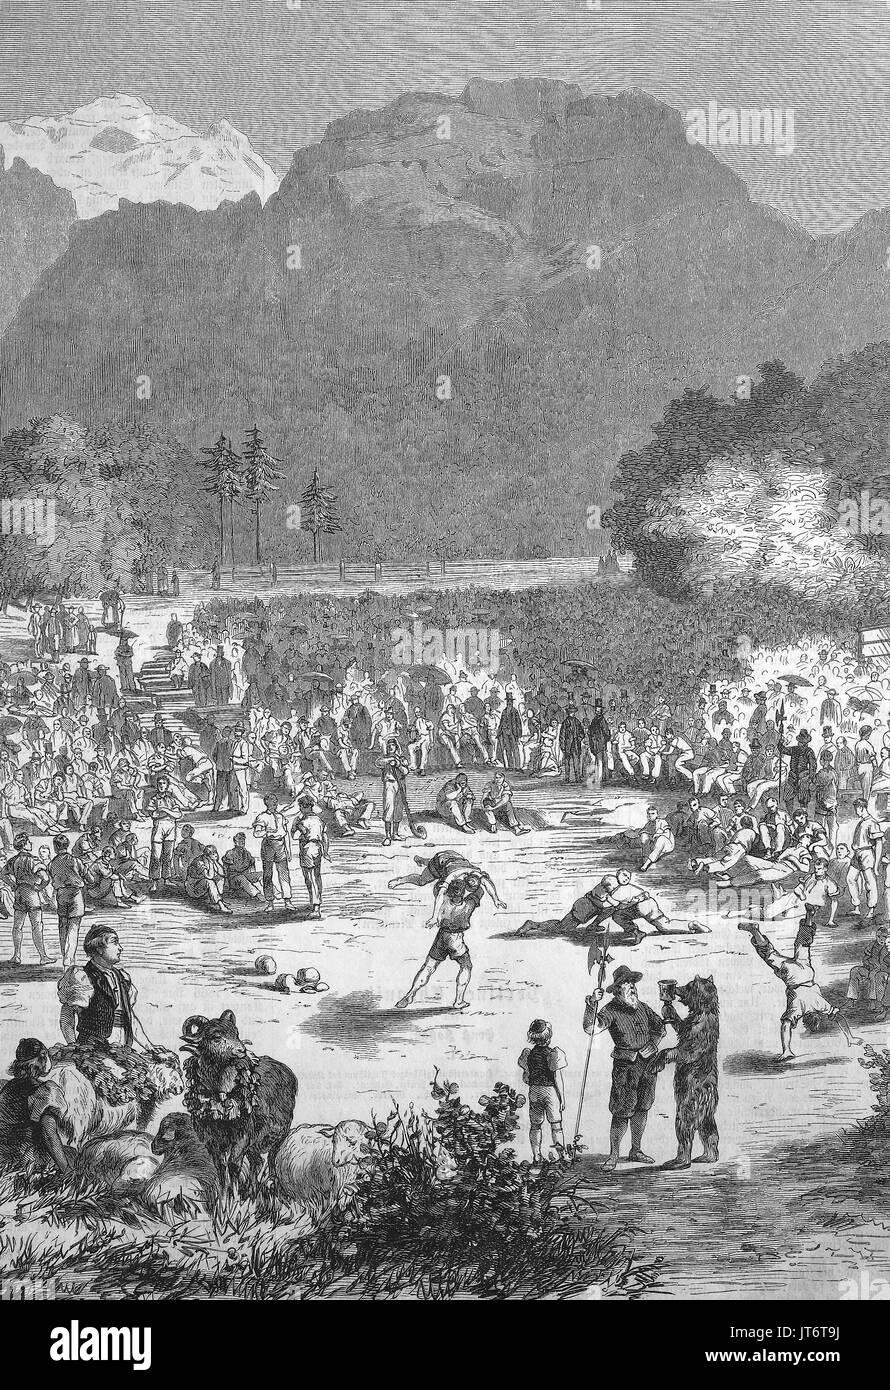 Un Schwingerfest en Interlaken, Suiza Schwingen, también conocida como lucha libre y Hoselupf suizo, calzones-elevación, es un estilo de folk wrestling nativo de Suiza, Digital mejora la reproducción de una imagen publicada entre 1880 - 1885 Imagen De Stock